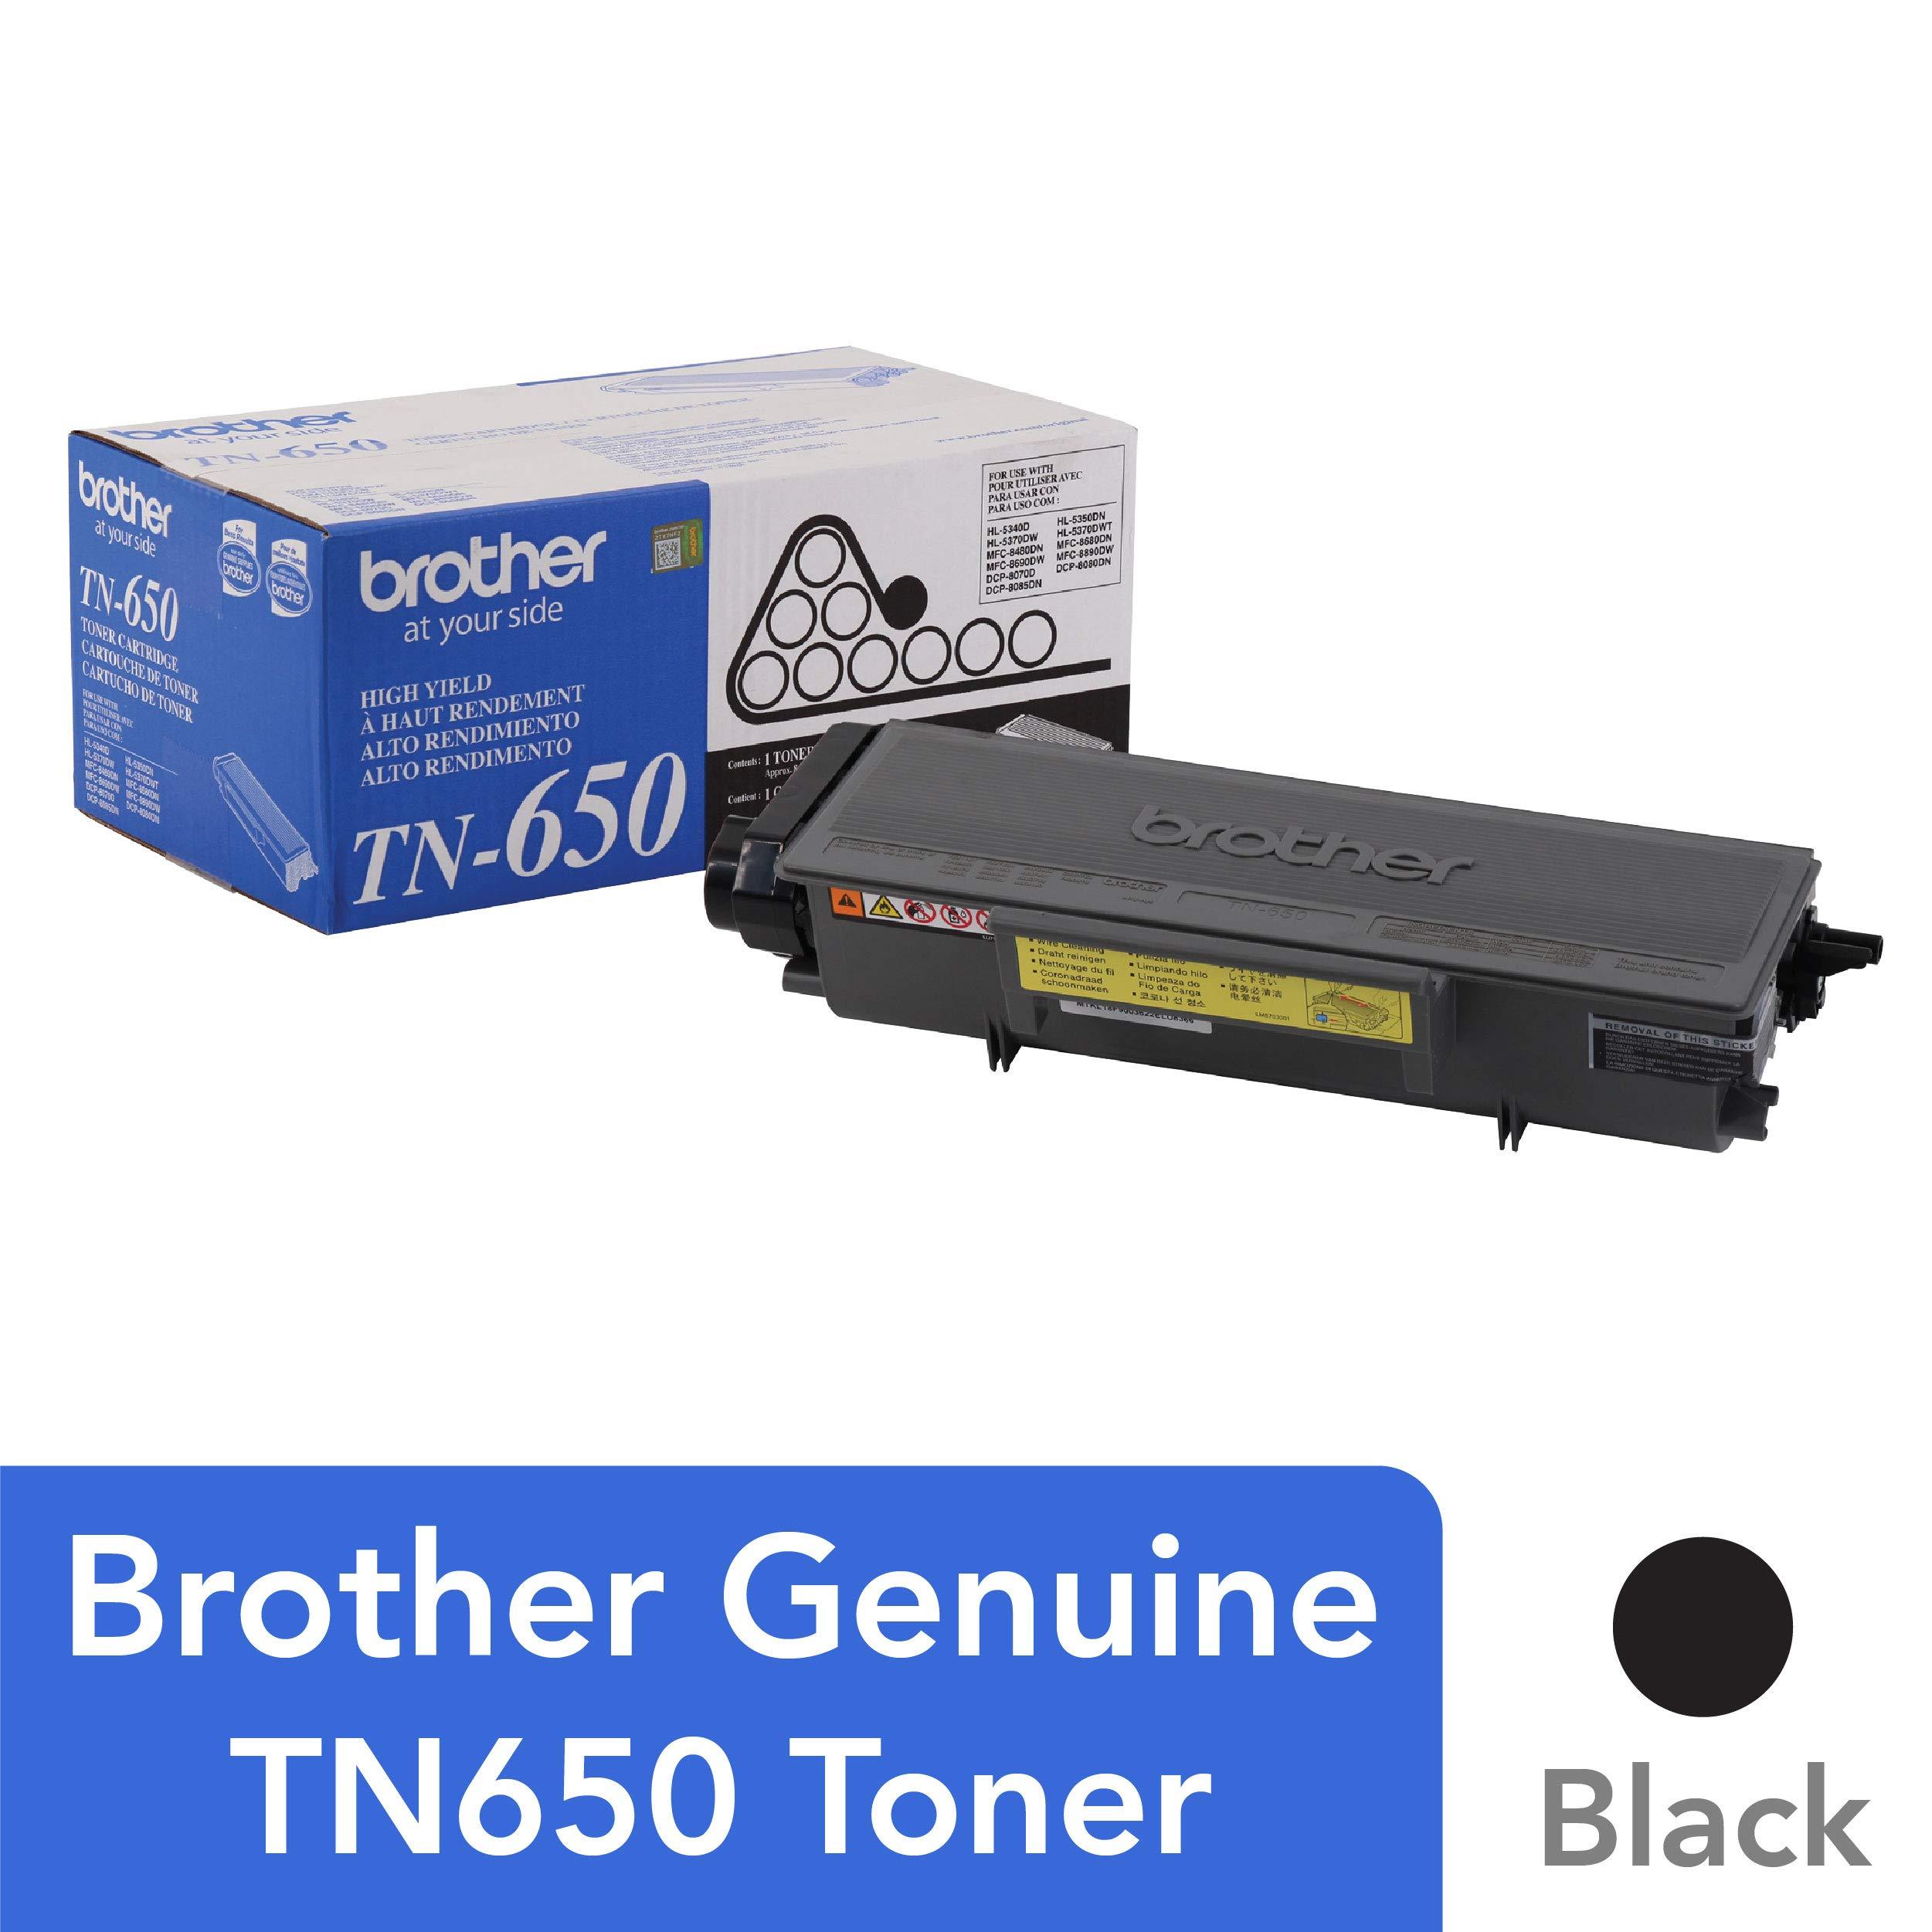 Toner Original BROTHER TN-650 DCP-8070 8080 8085 HL-5340 5350 5370 5380 MFC-8370 8480 8680 8690 8880 8890 (Black)